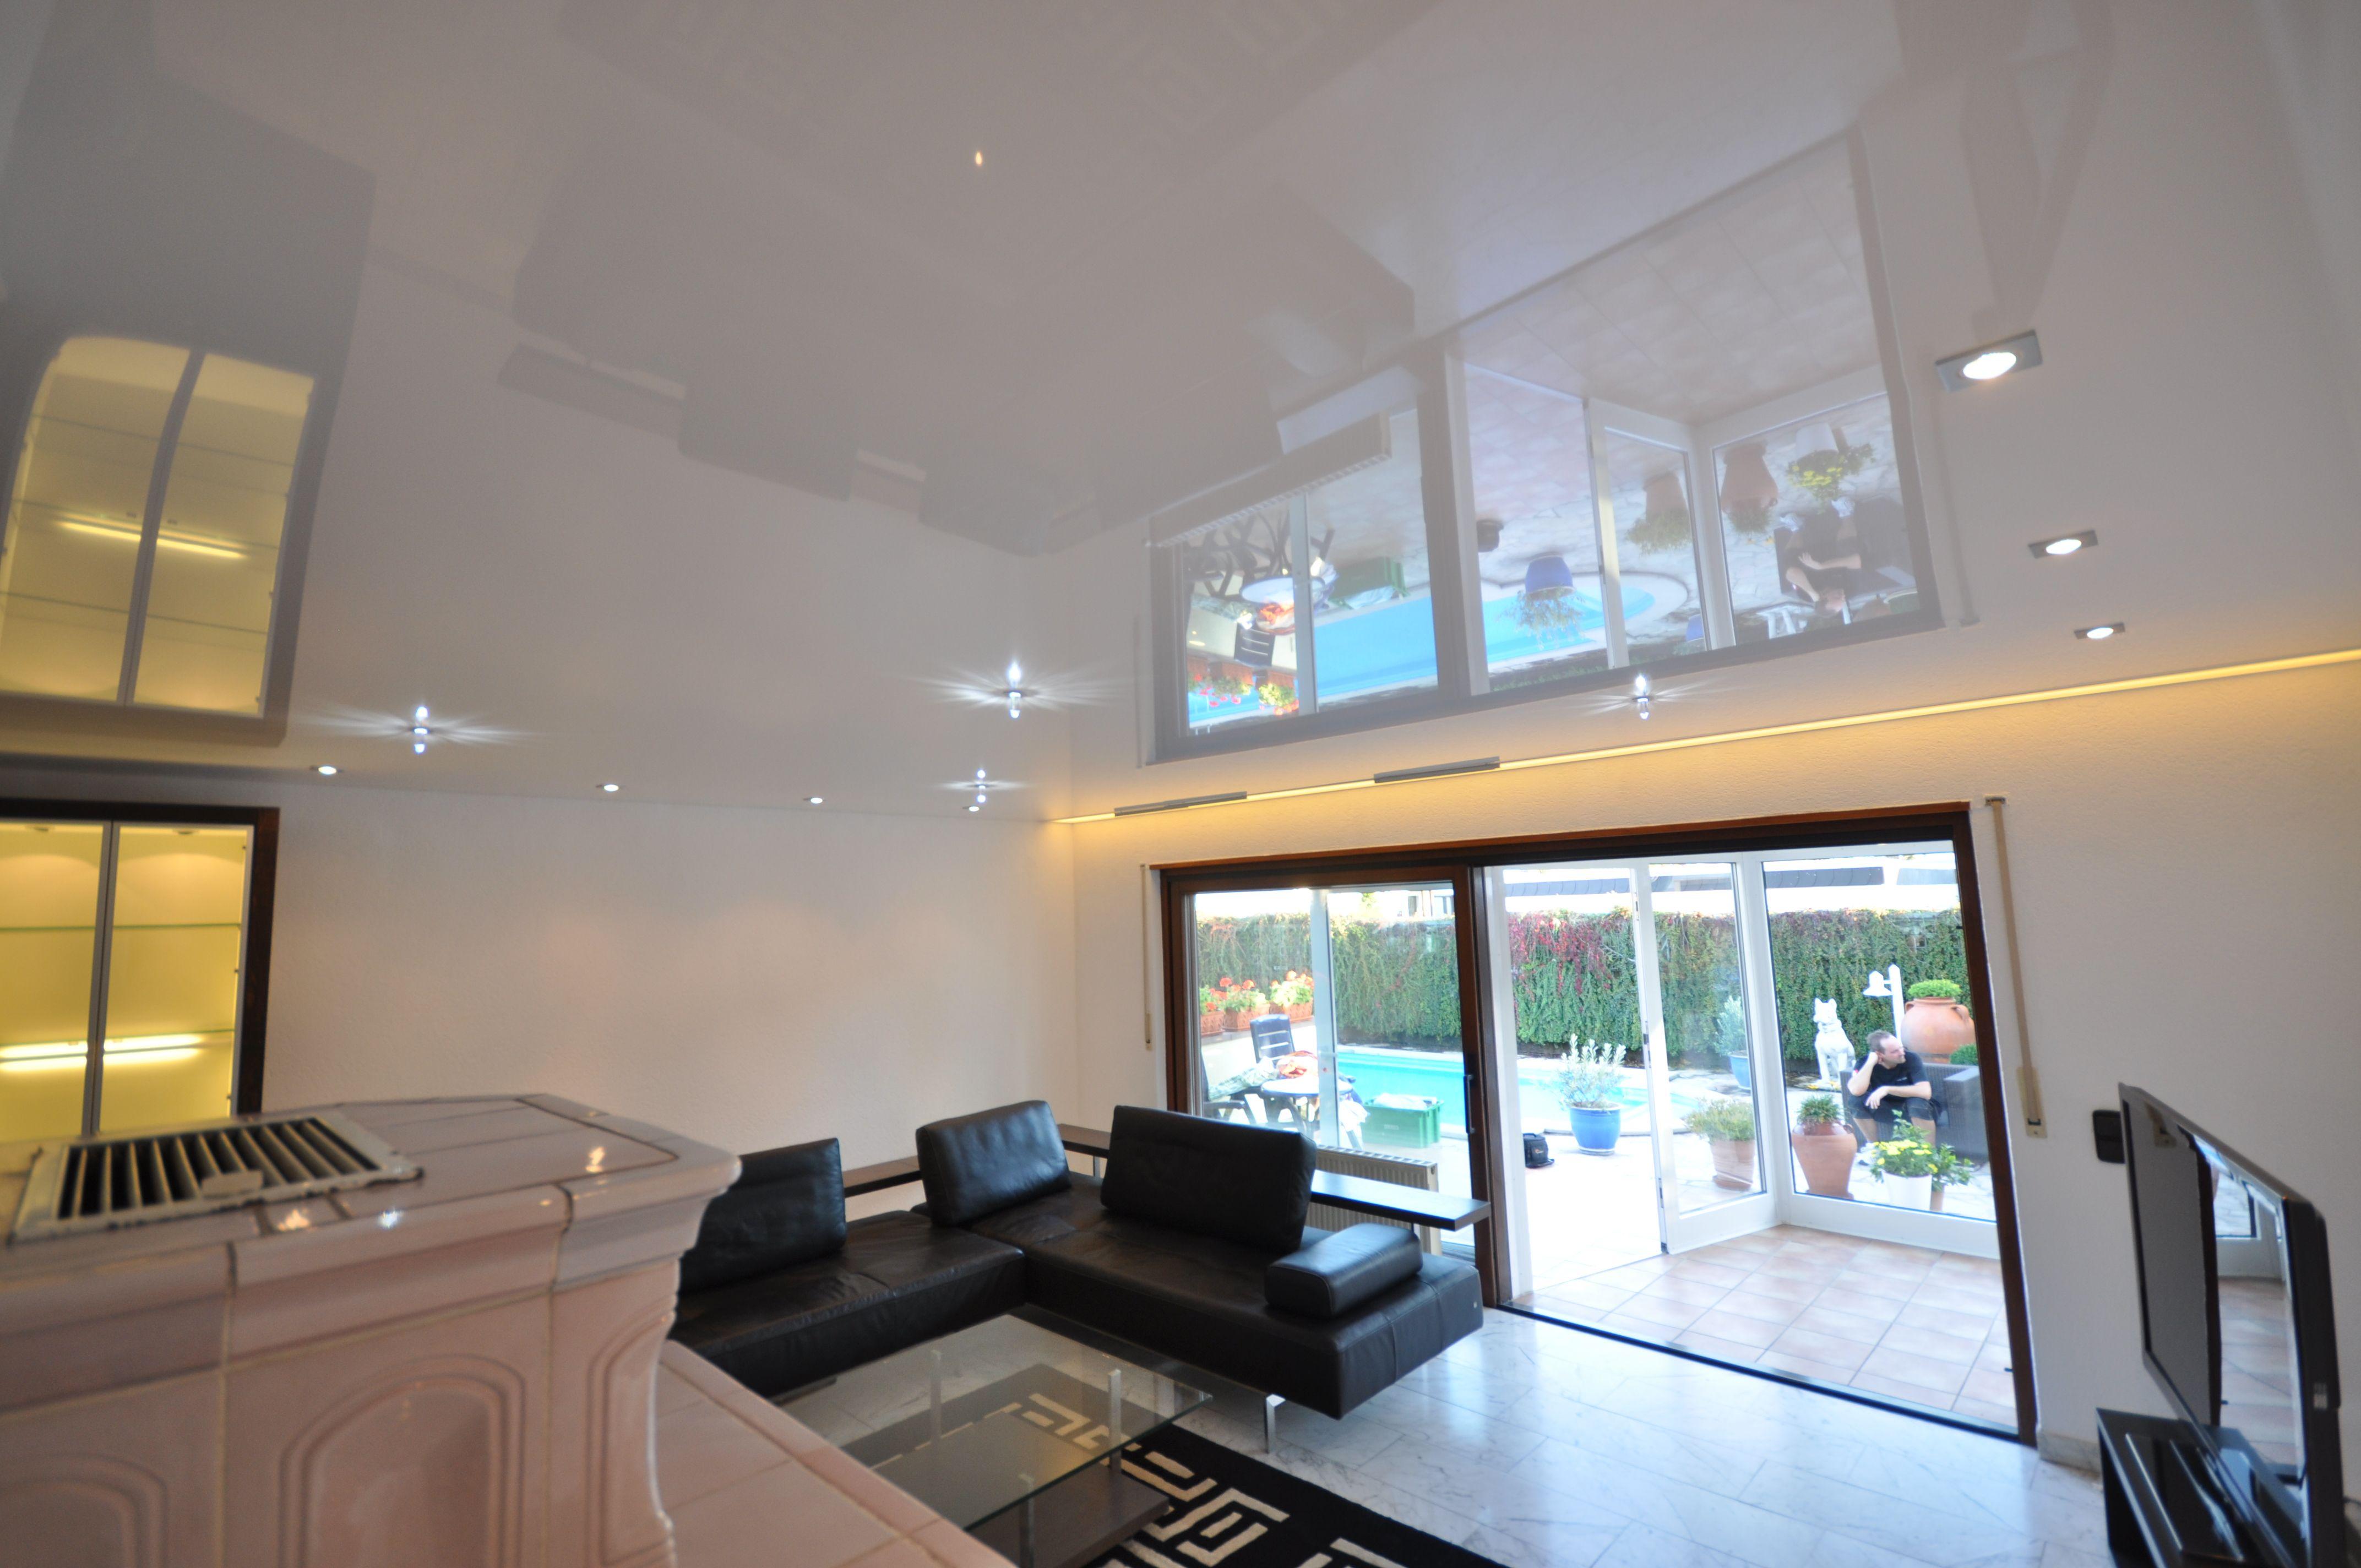 Spanndecke In Weiss Hochglanz Mit Led Lichtleiste Und Swarovski Strahlern Wohnzimmer Beleuchtung Decke Swar Spanndecken Beleuchtung Decke Wohnzimmer Gestalten